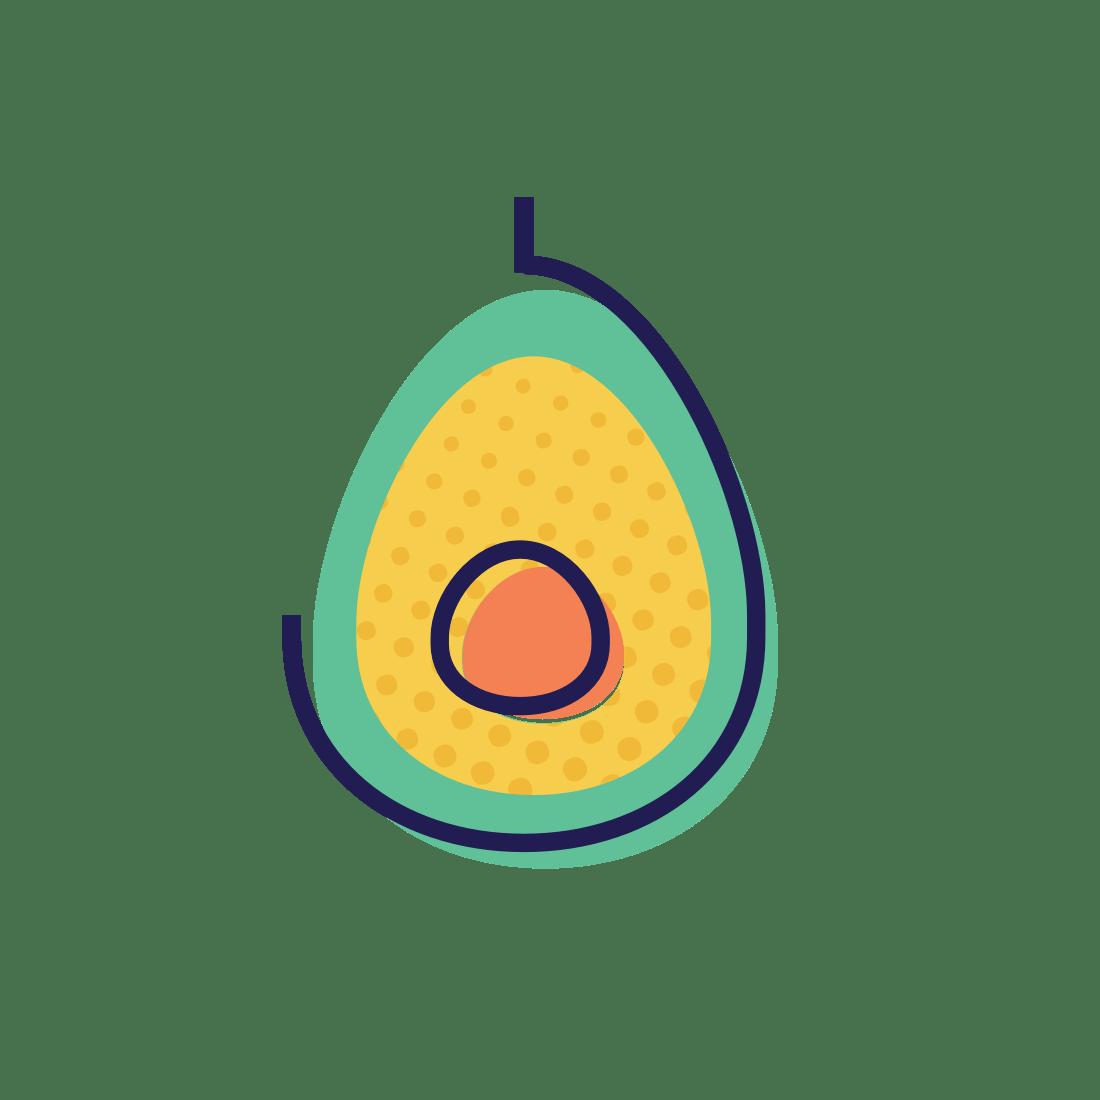 medium resolution of avocado